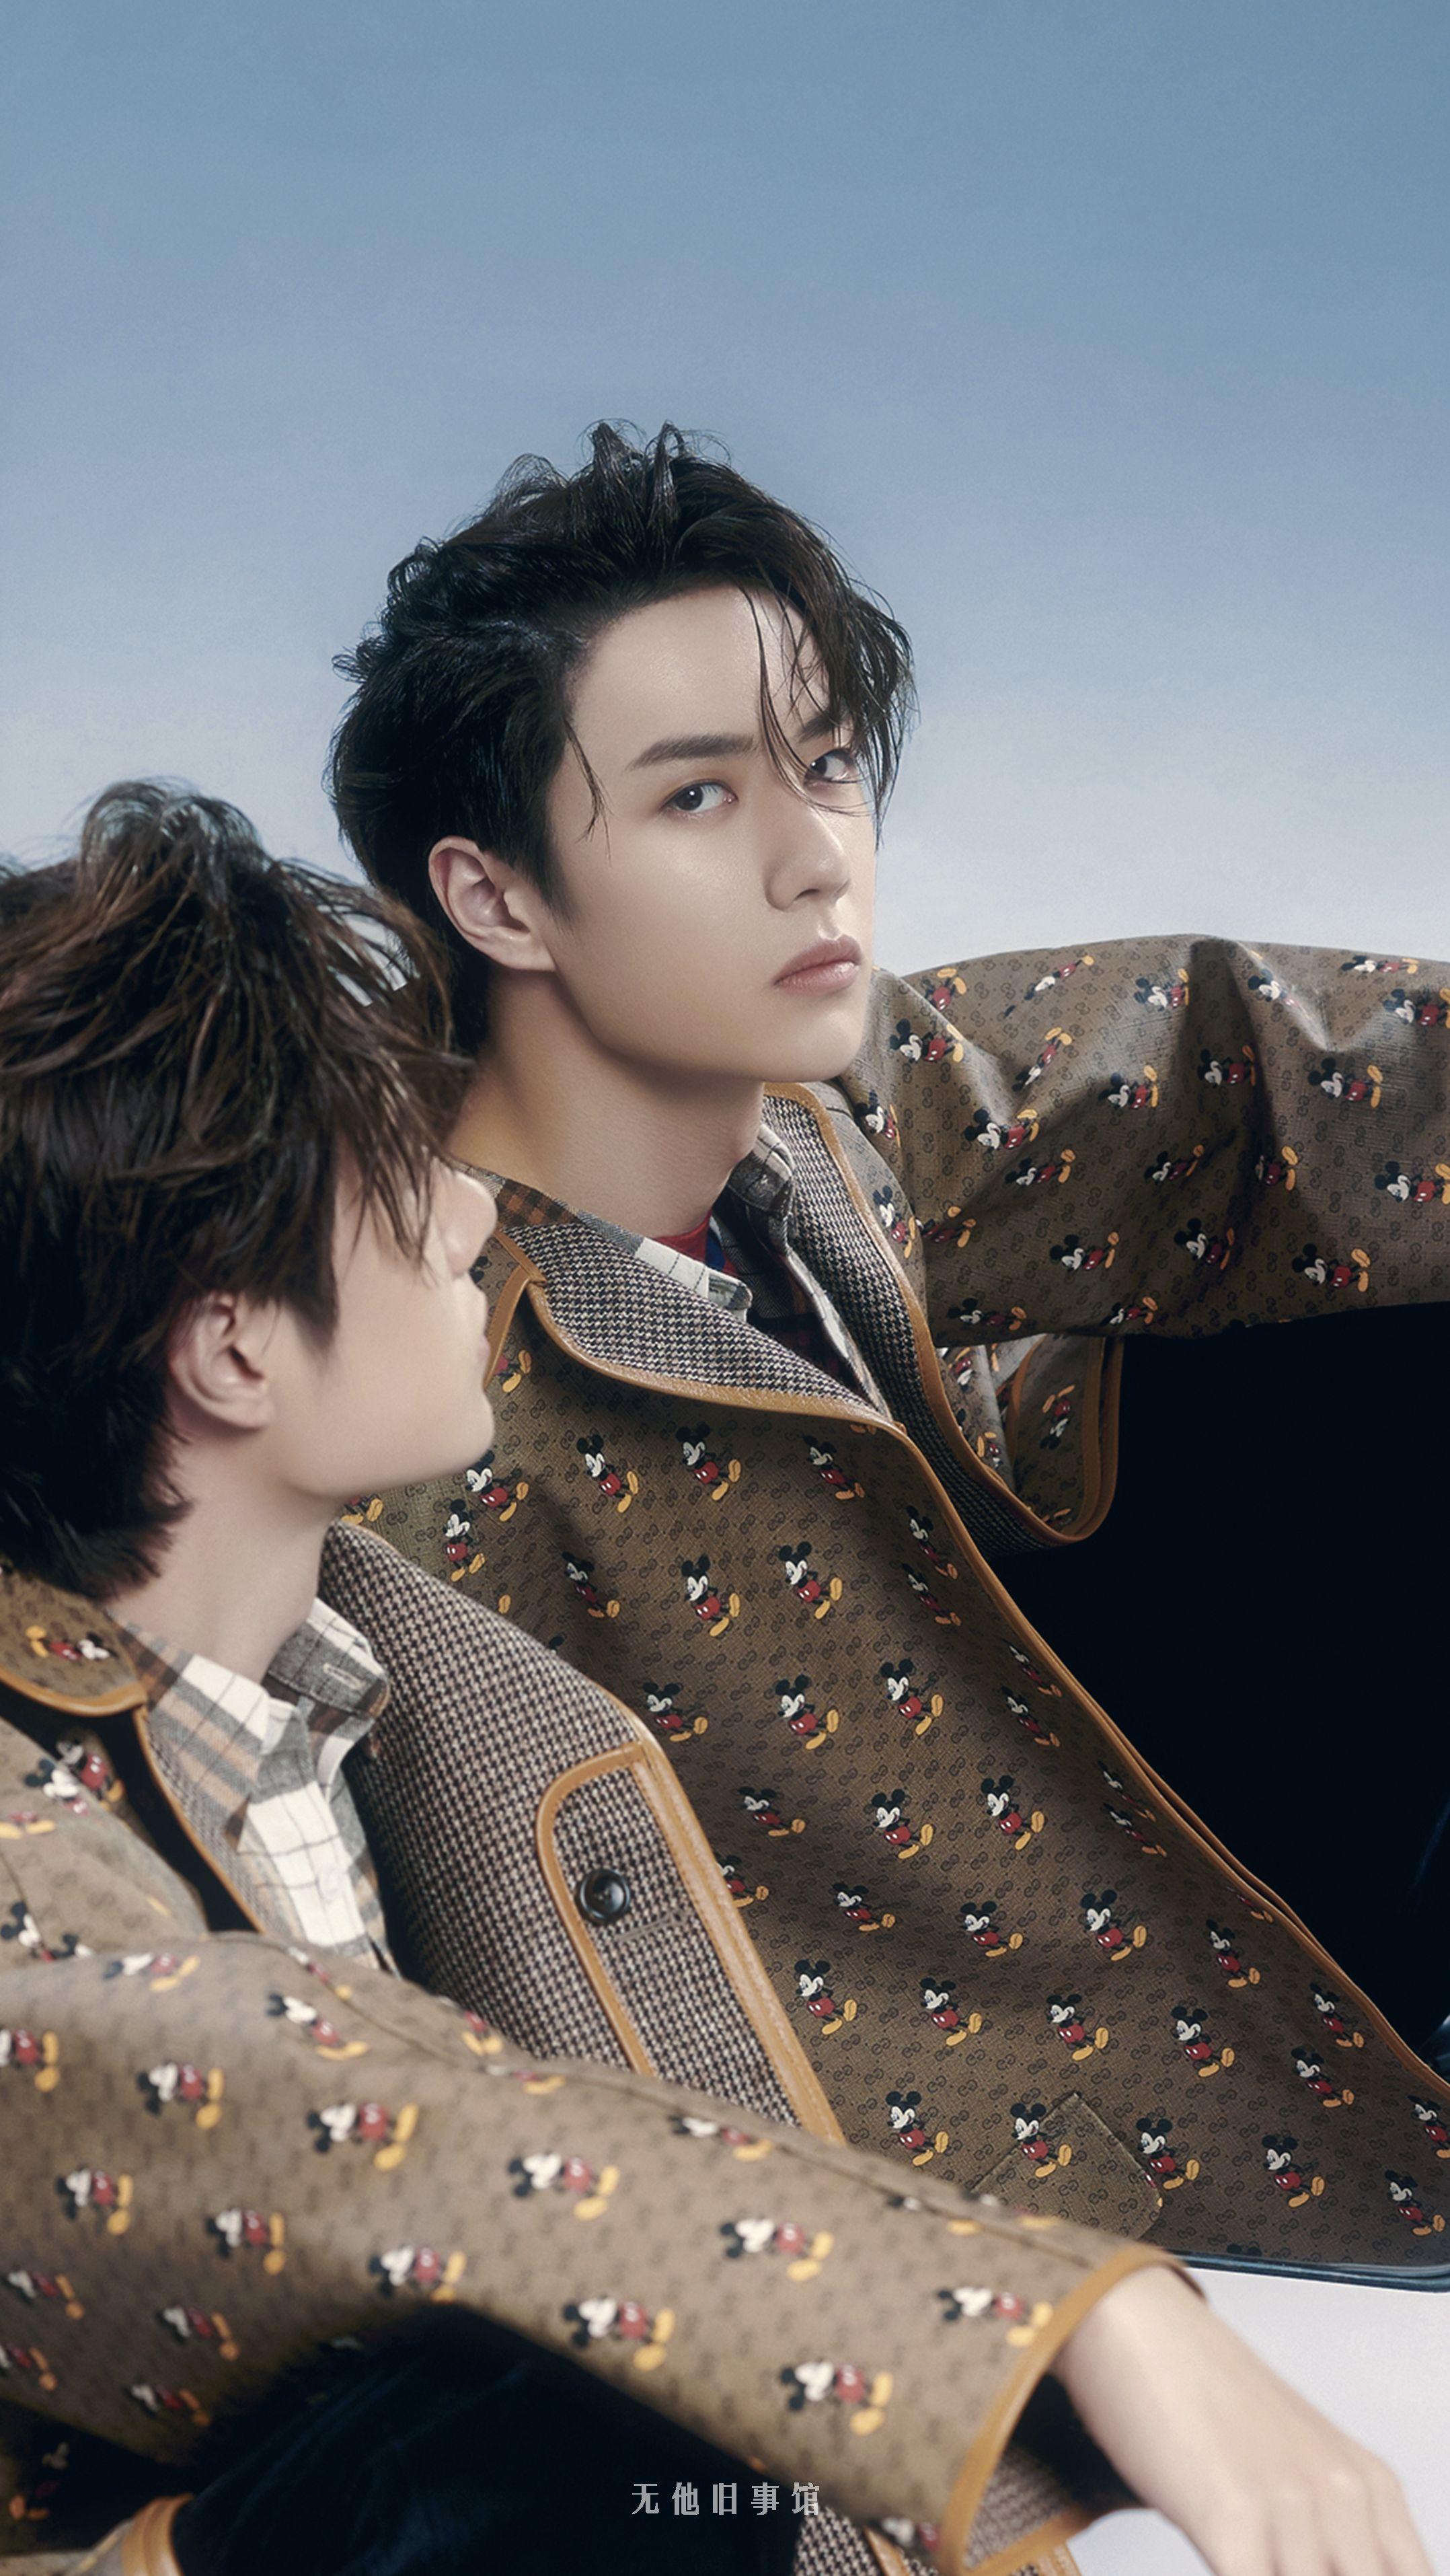 Wang Yibo🦁💕 in 2020 Model poses, Hair images, Woo young